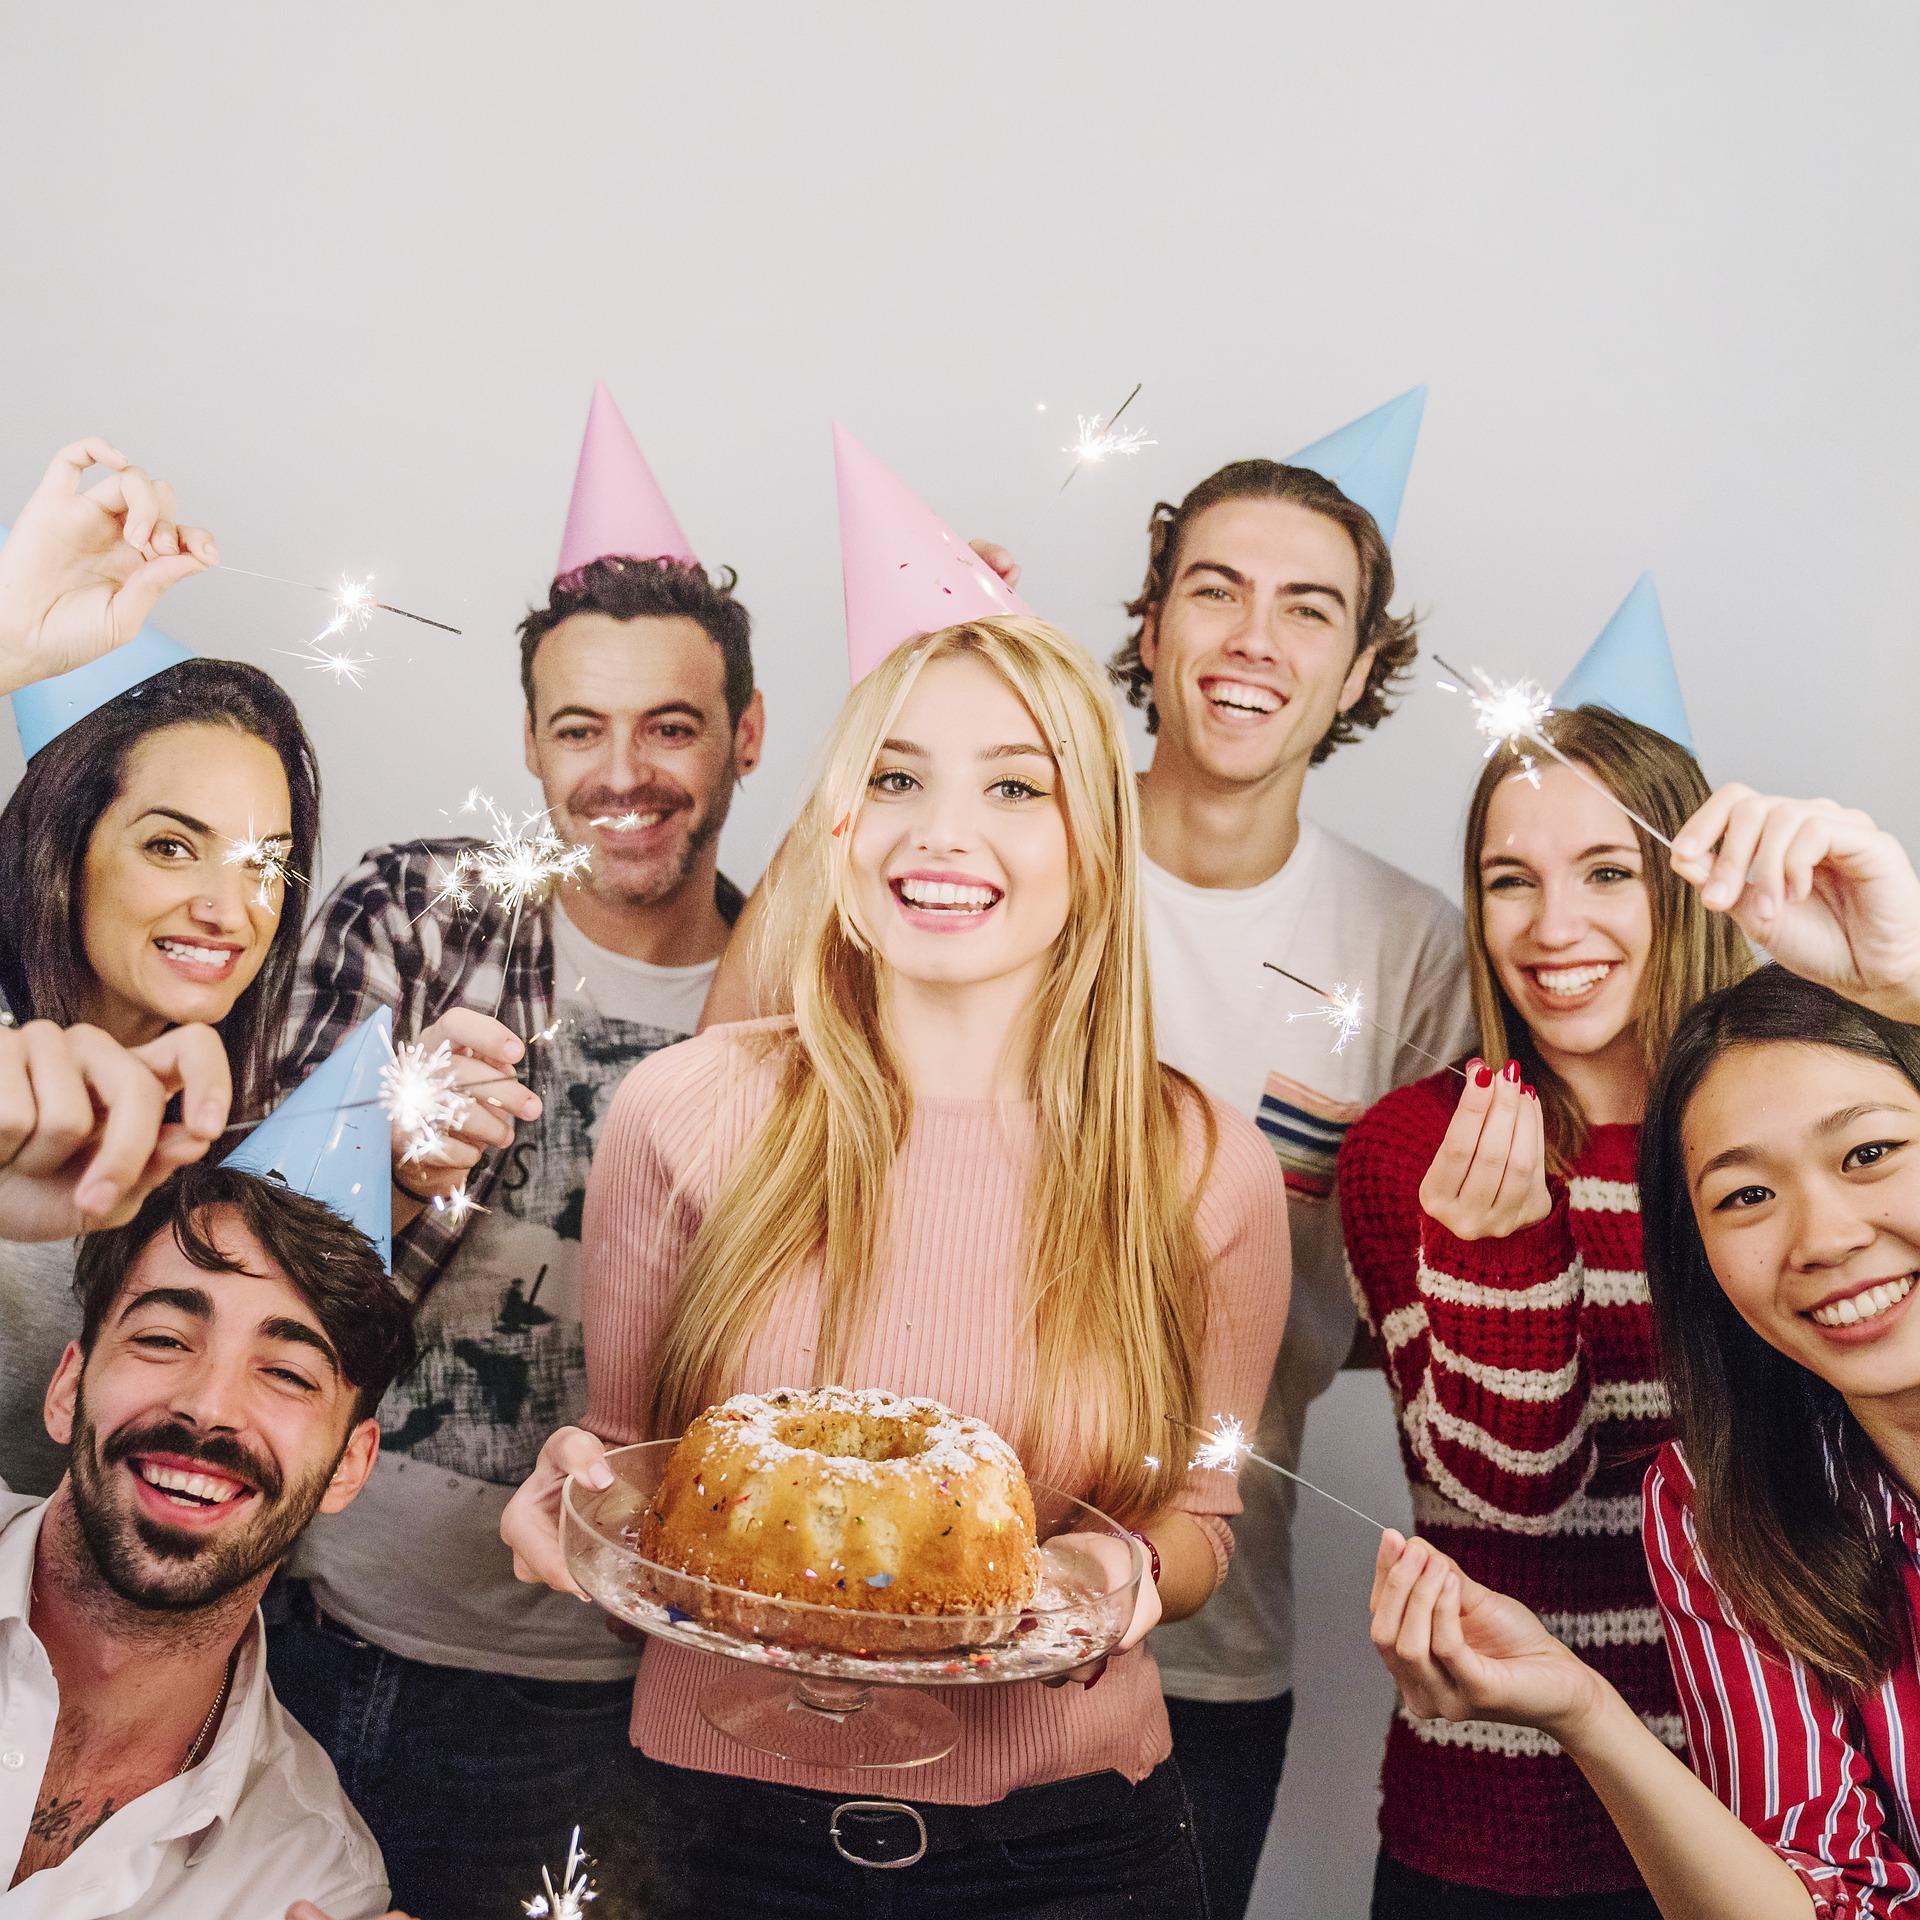 поздравления с днем рождения в компании друзей креветок ягоды